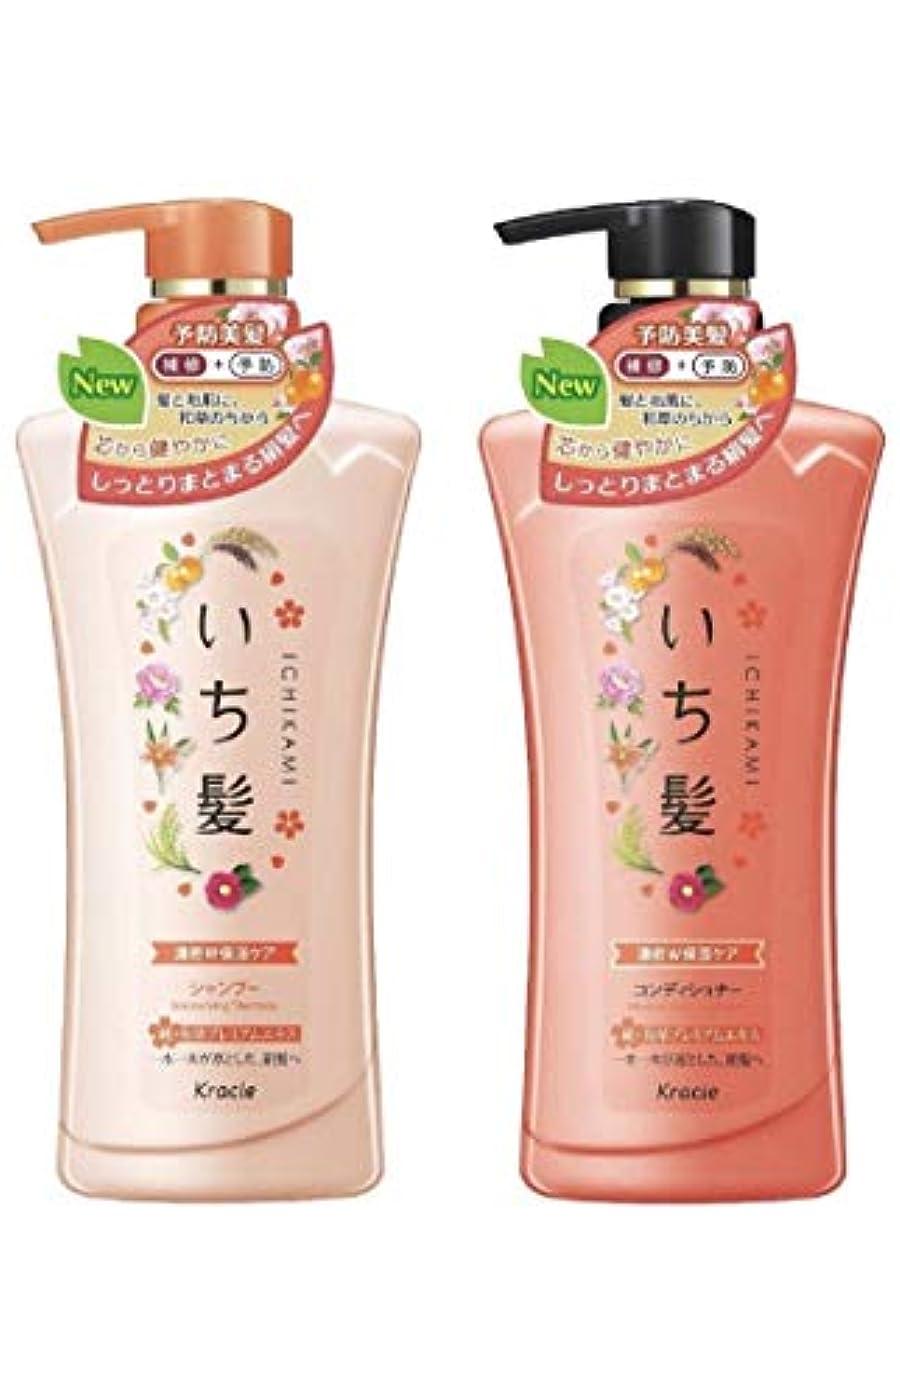 遠えアライメント植生いち髪シャンプー&コンディショナーペアセット(濃密W保湿)